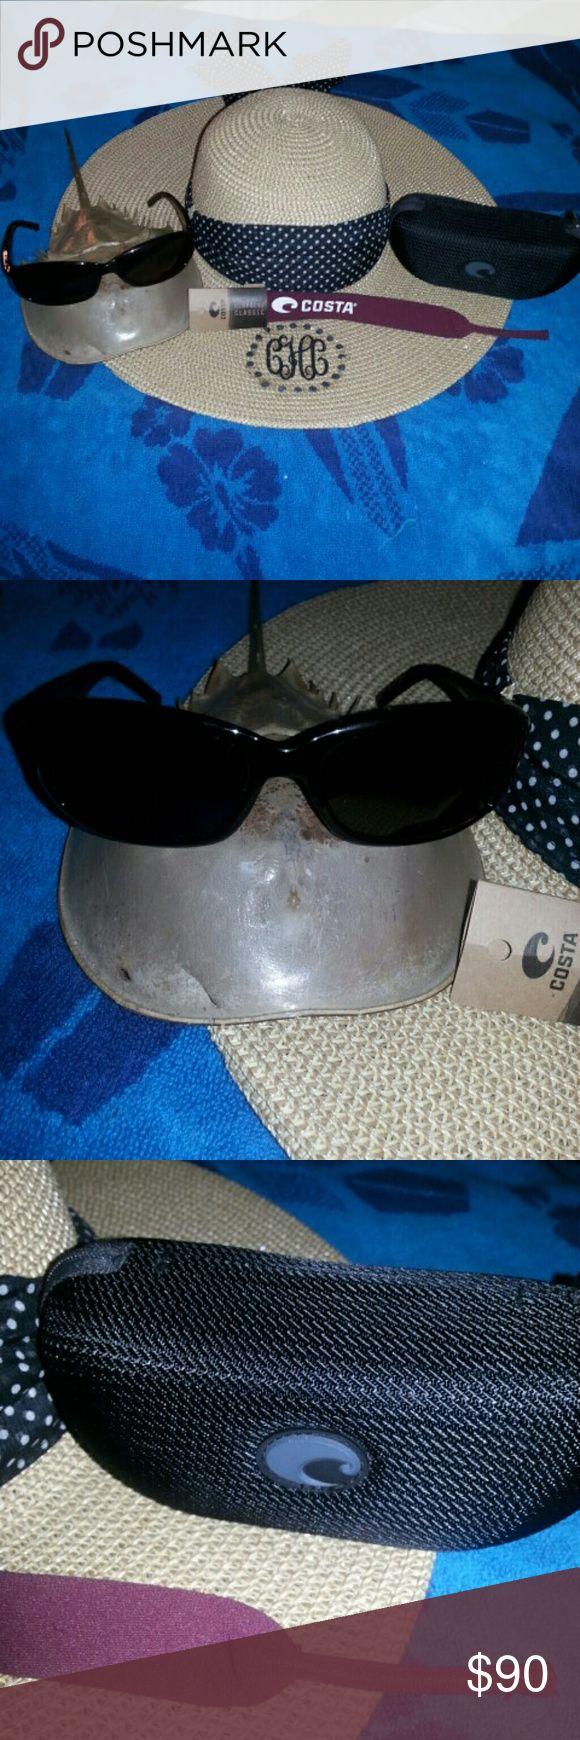 Costa Del Mar Vela Sunglasses EUC Tortoise with case and new strap included Costa Del Mar Accessories Sunglasses